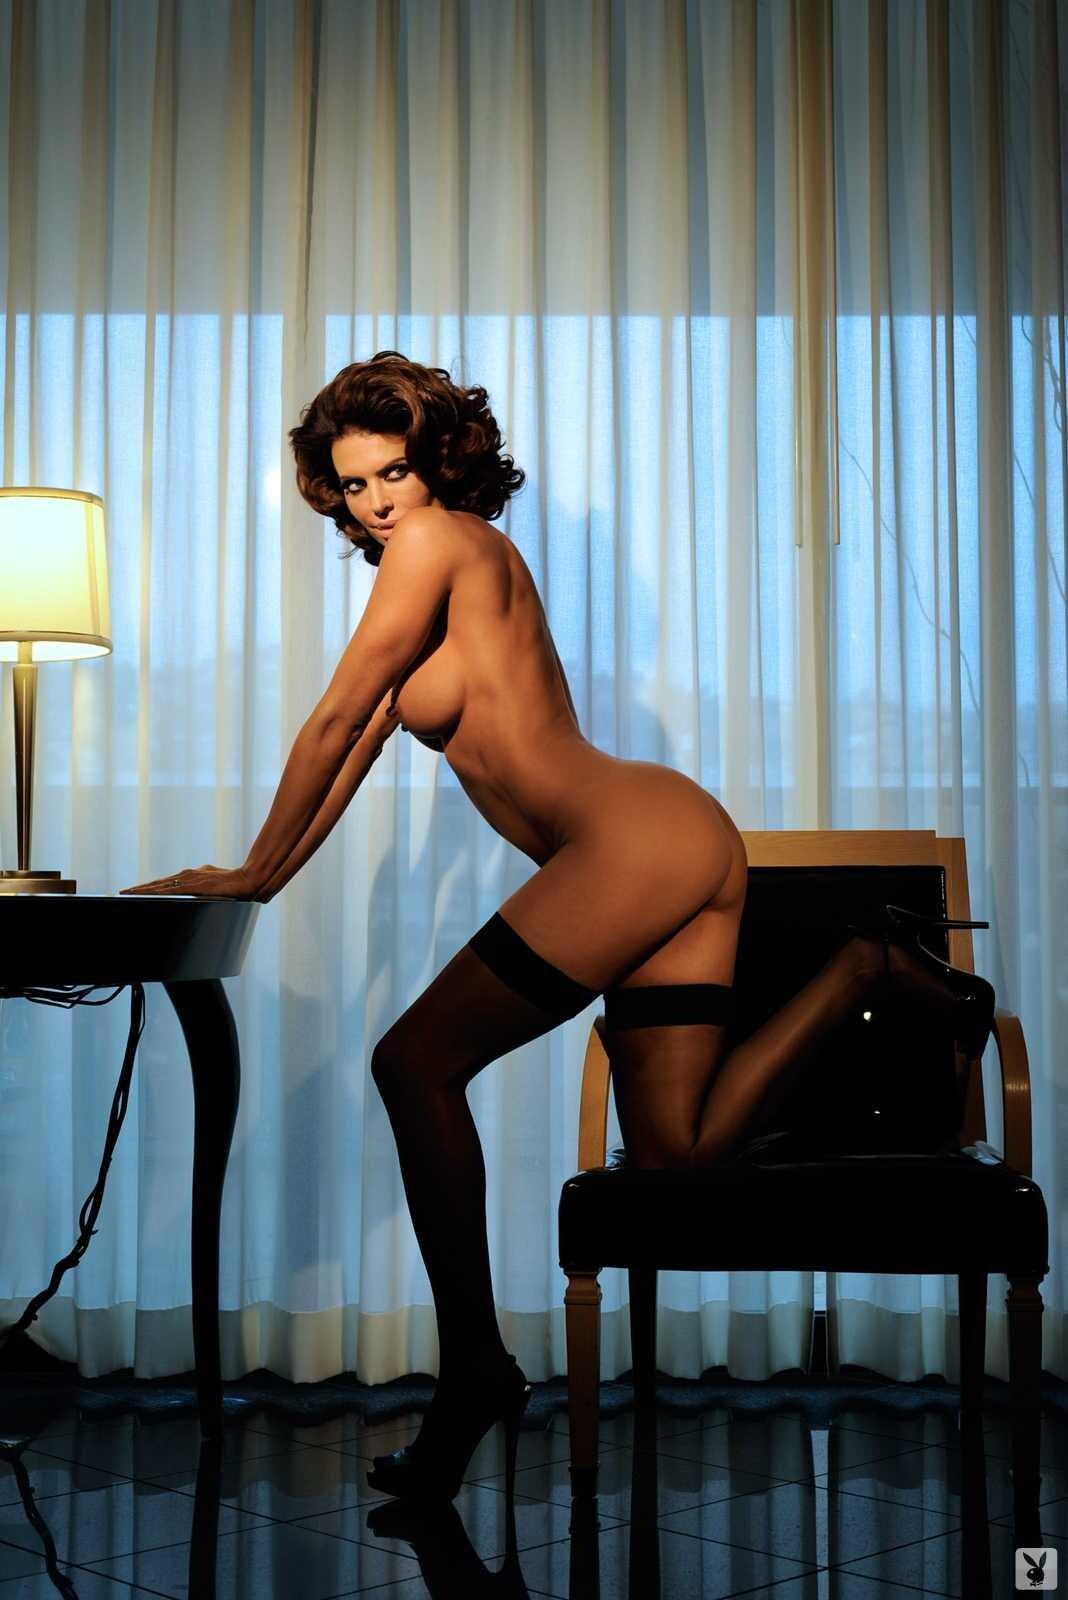 lisa-rinna-topless-pics